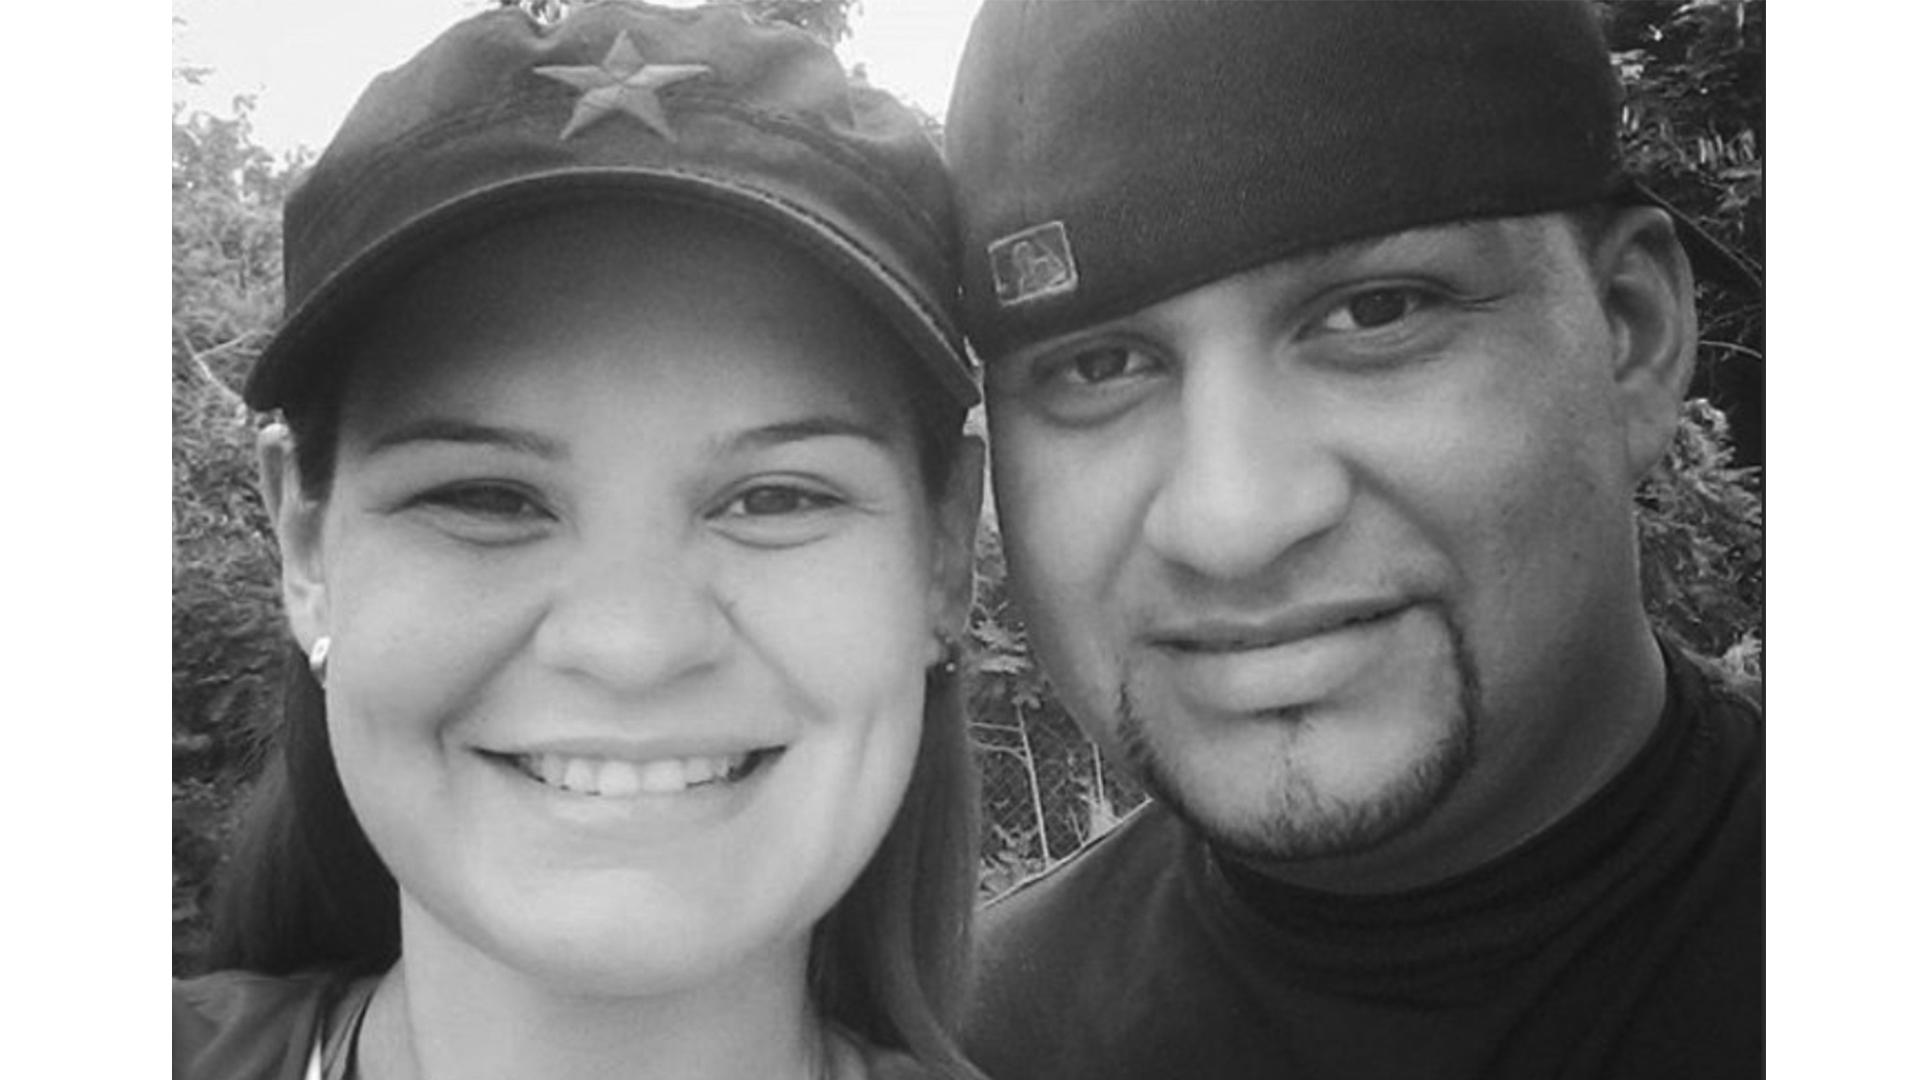 DDHH olvidados | La vida le cambió a la familia Hurtado